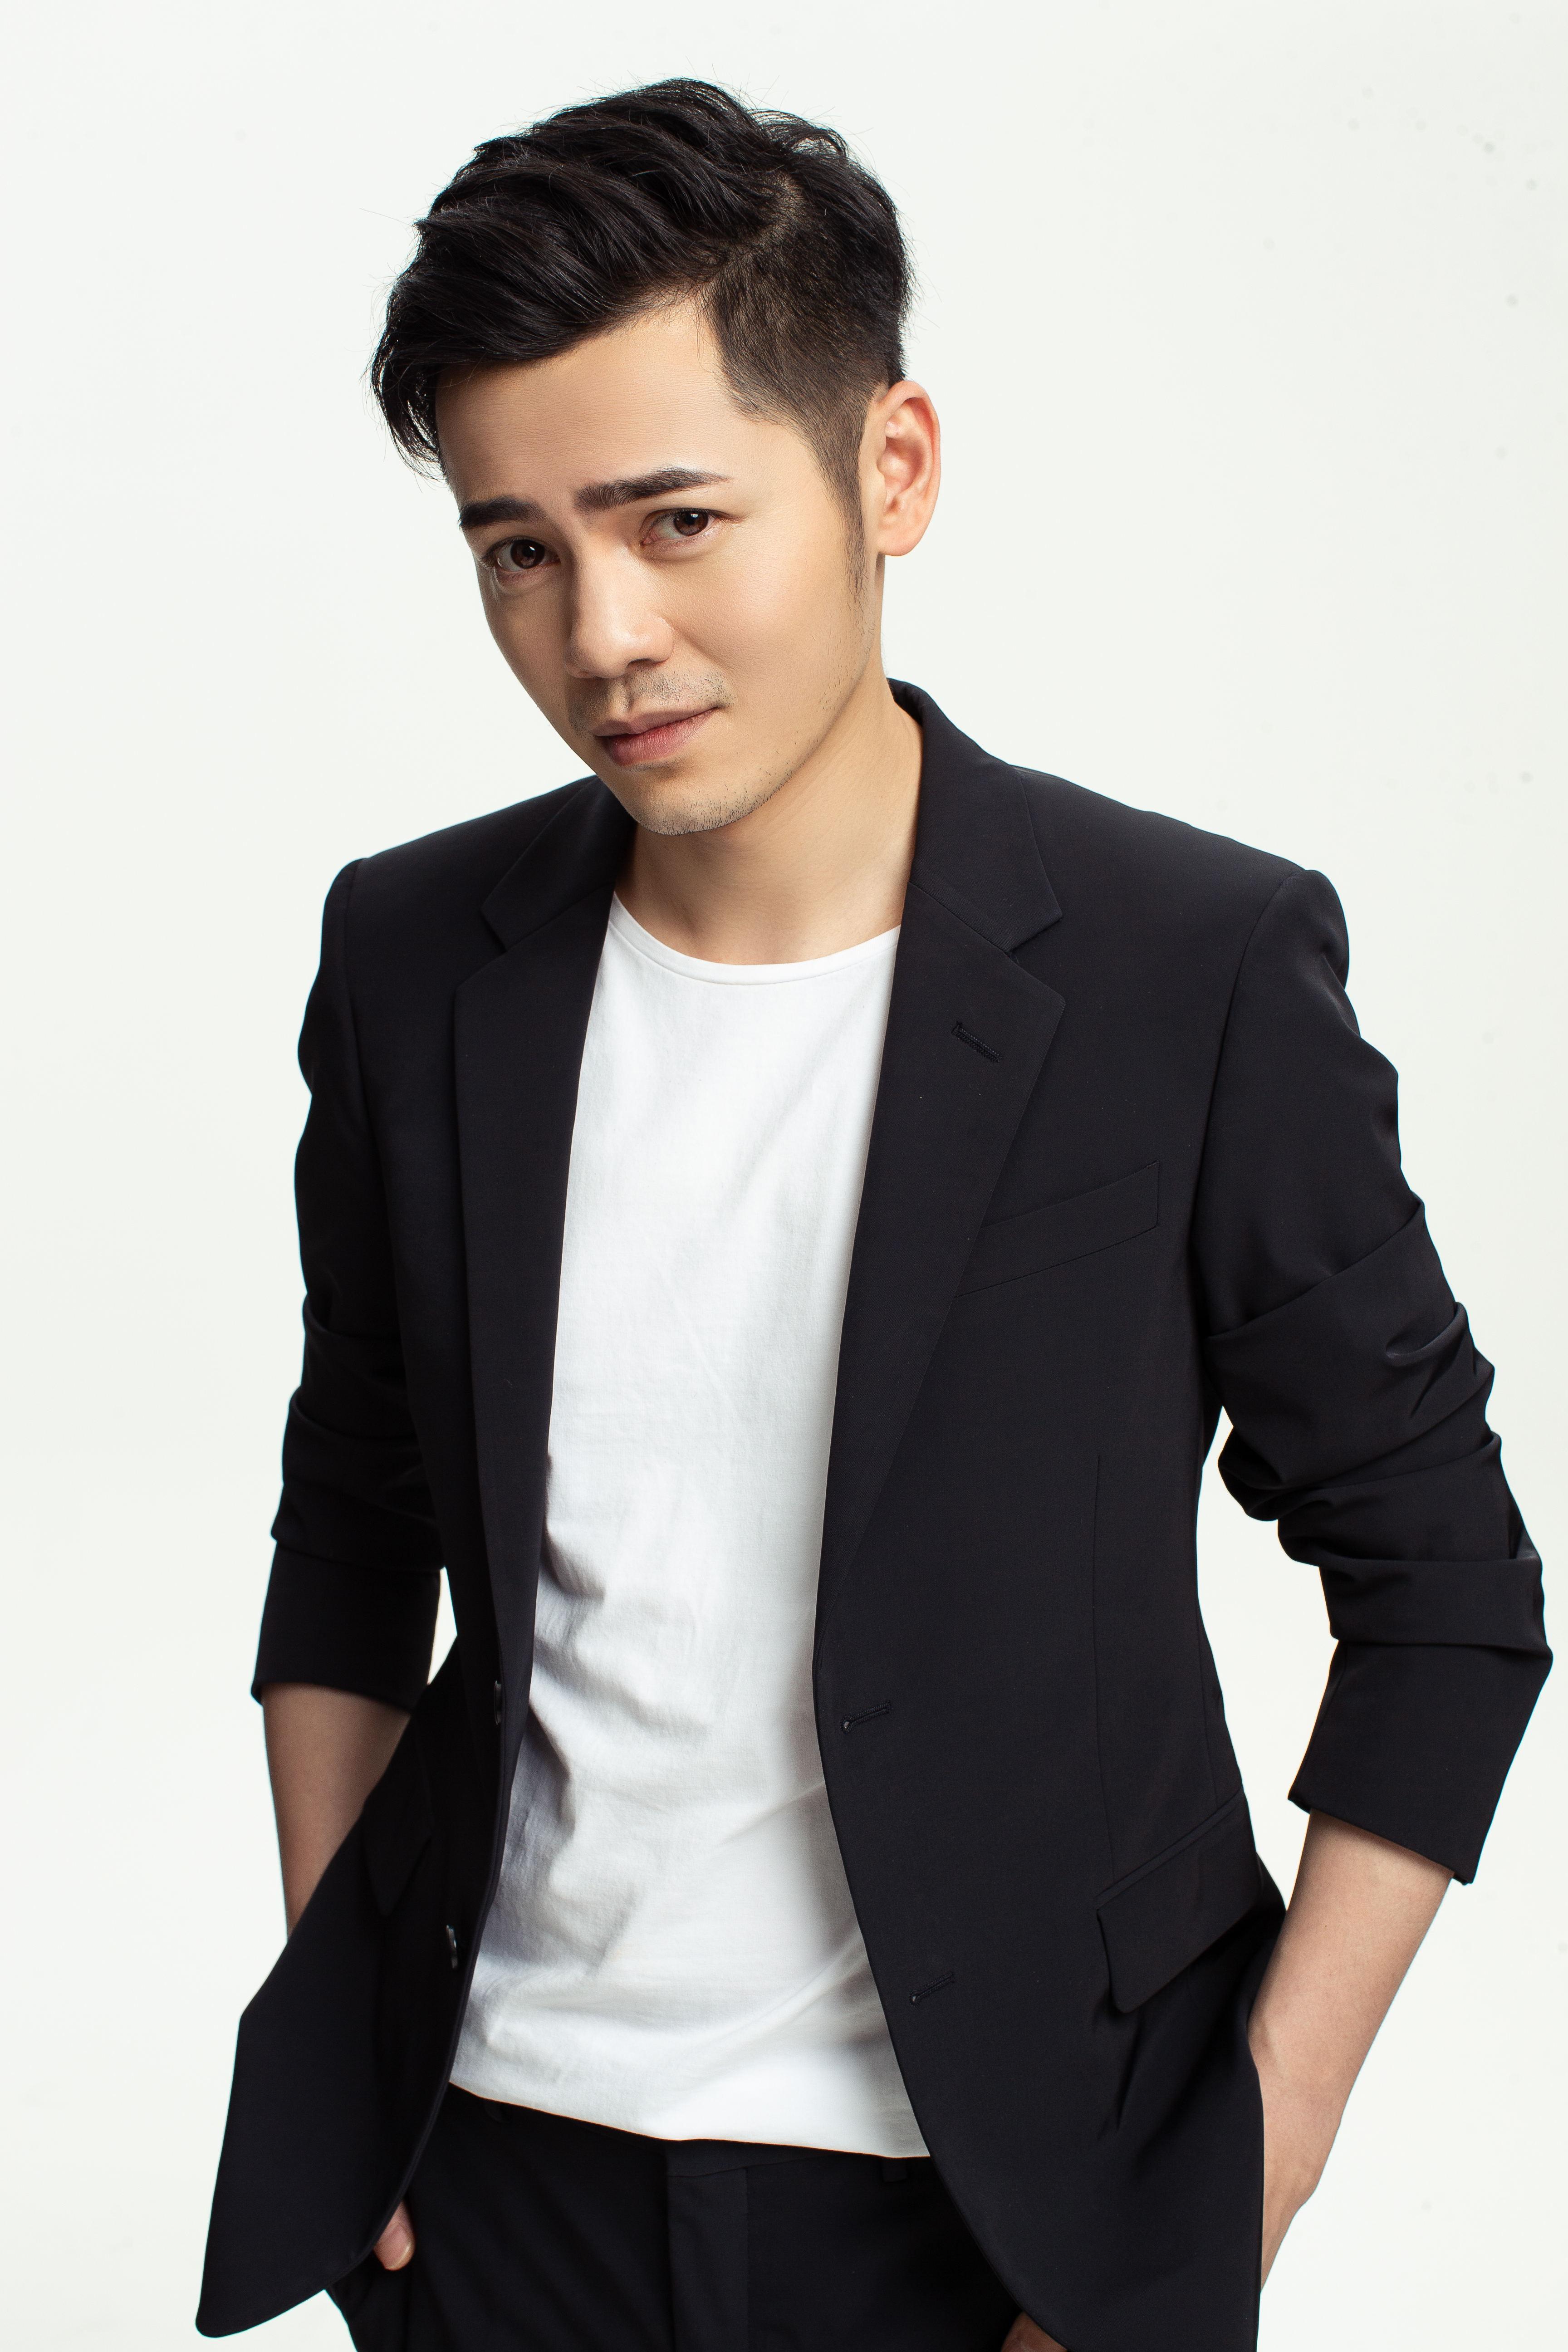 大提琴演奏家 陈卫平